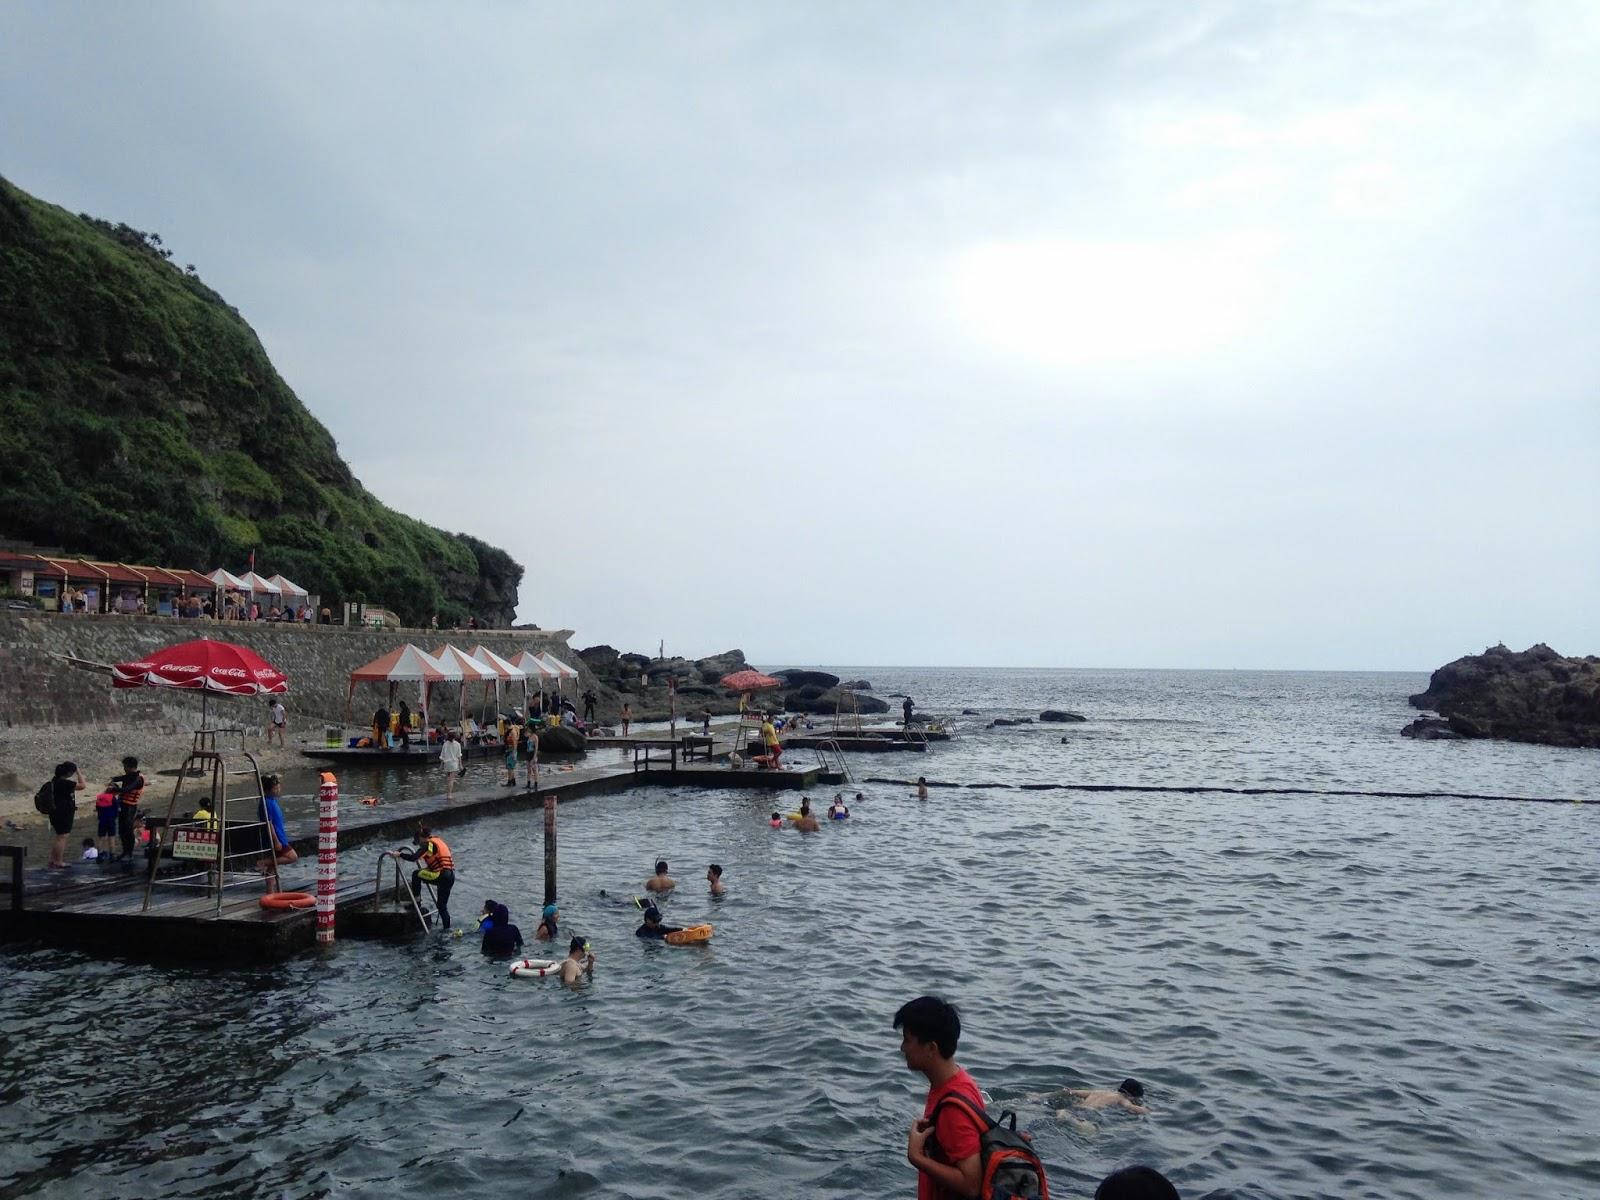 【遊記】新北市貢寮-龍洞灣海洋公園浮潛,划獨木舟,找海星